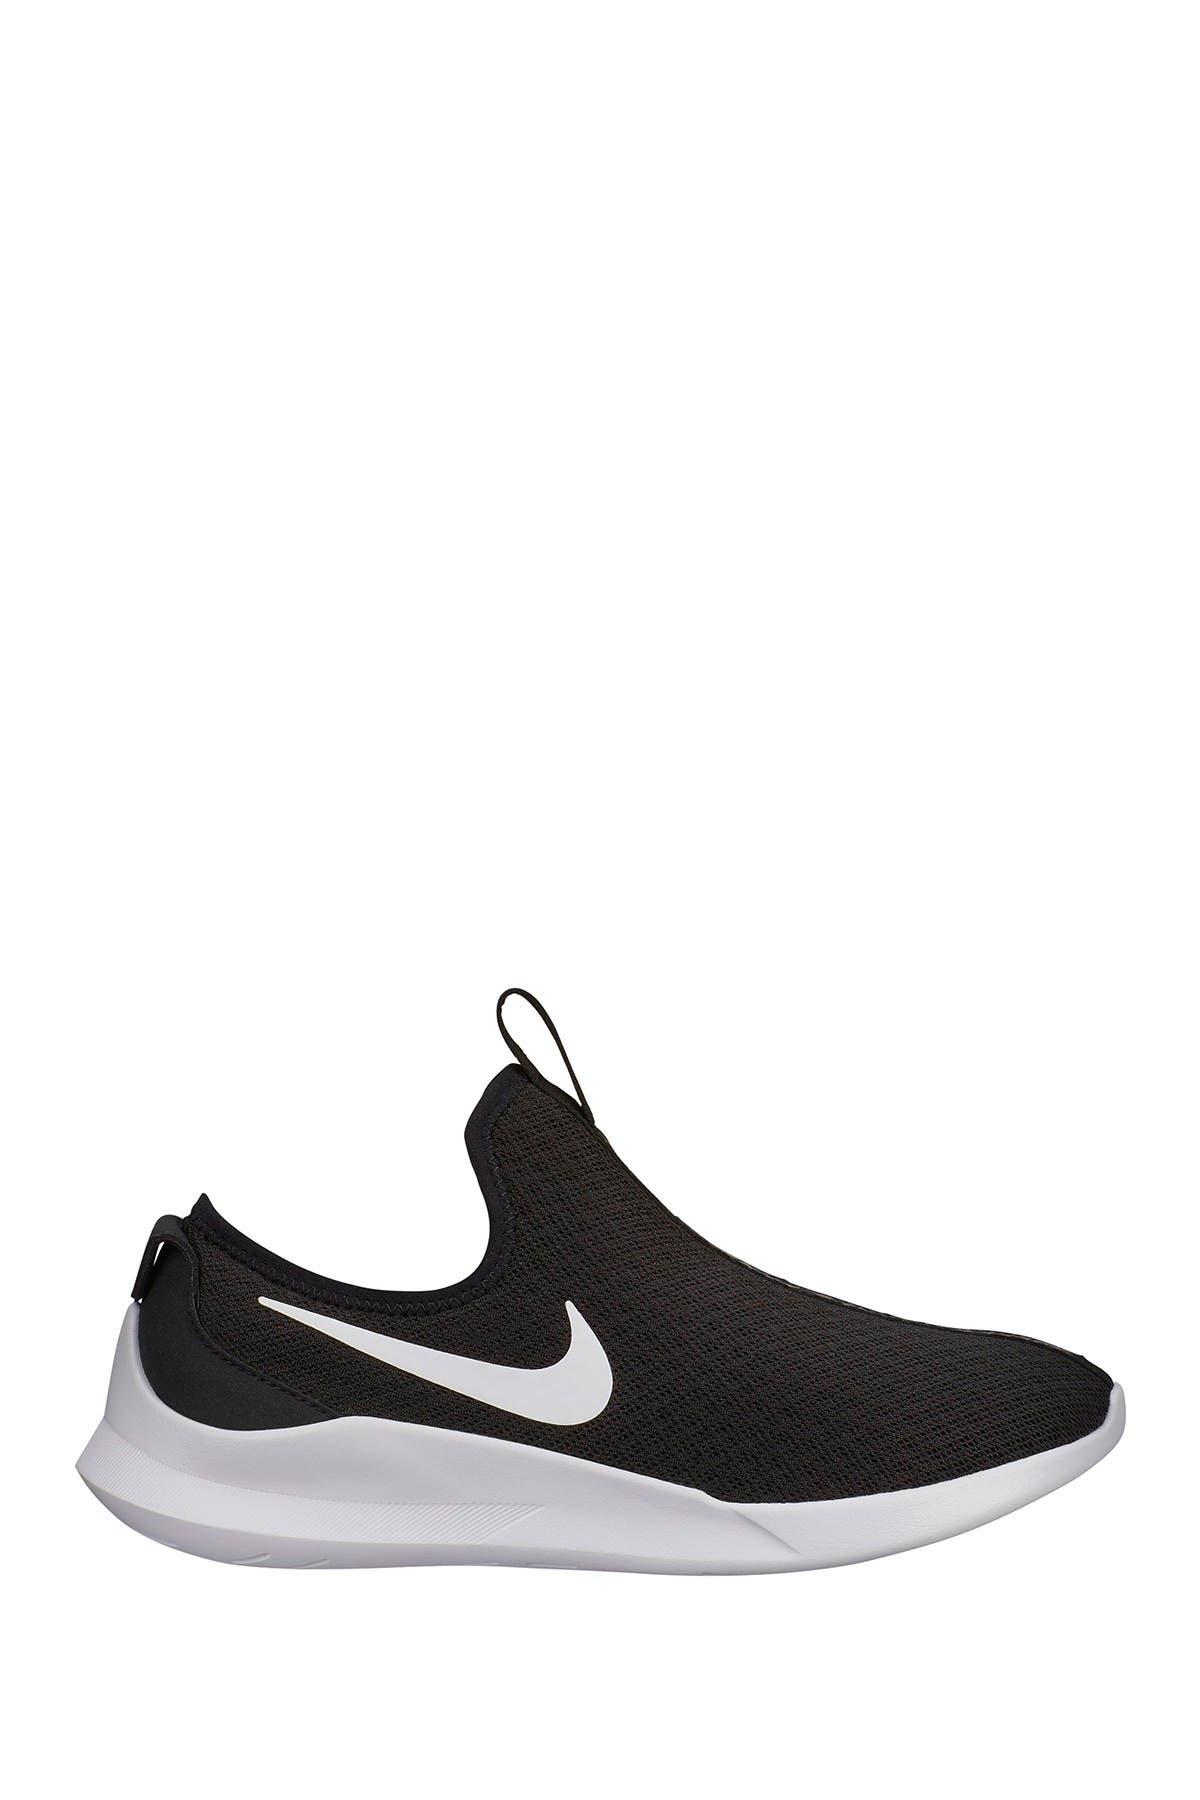 Nike | Viale Slip-On Sneaker